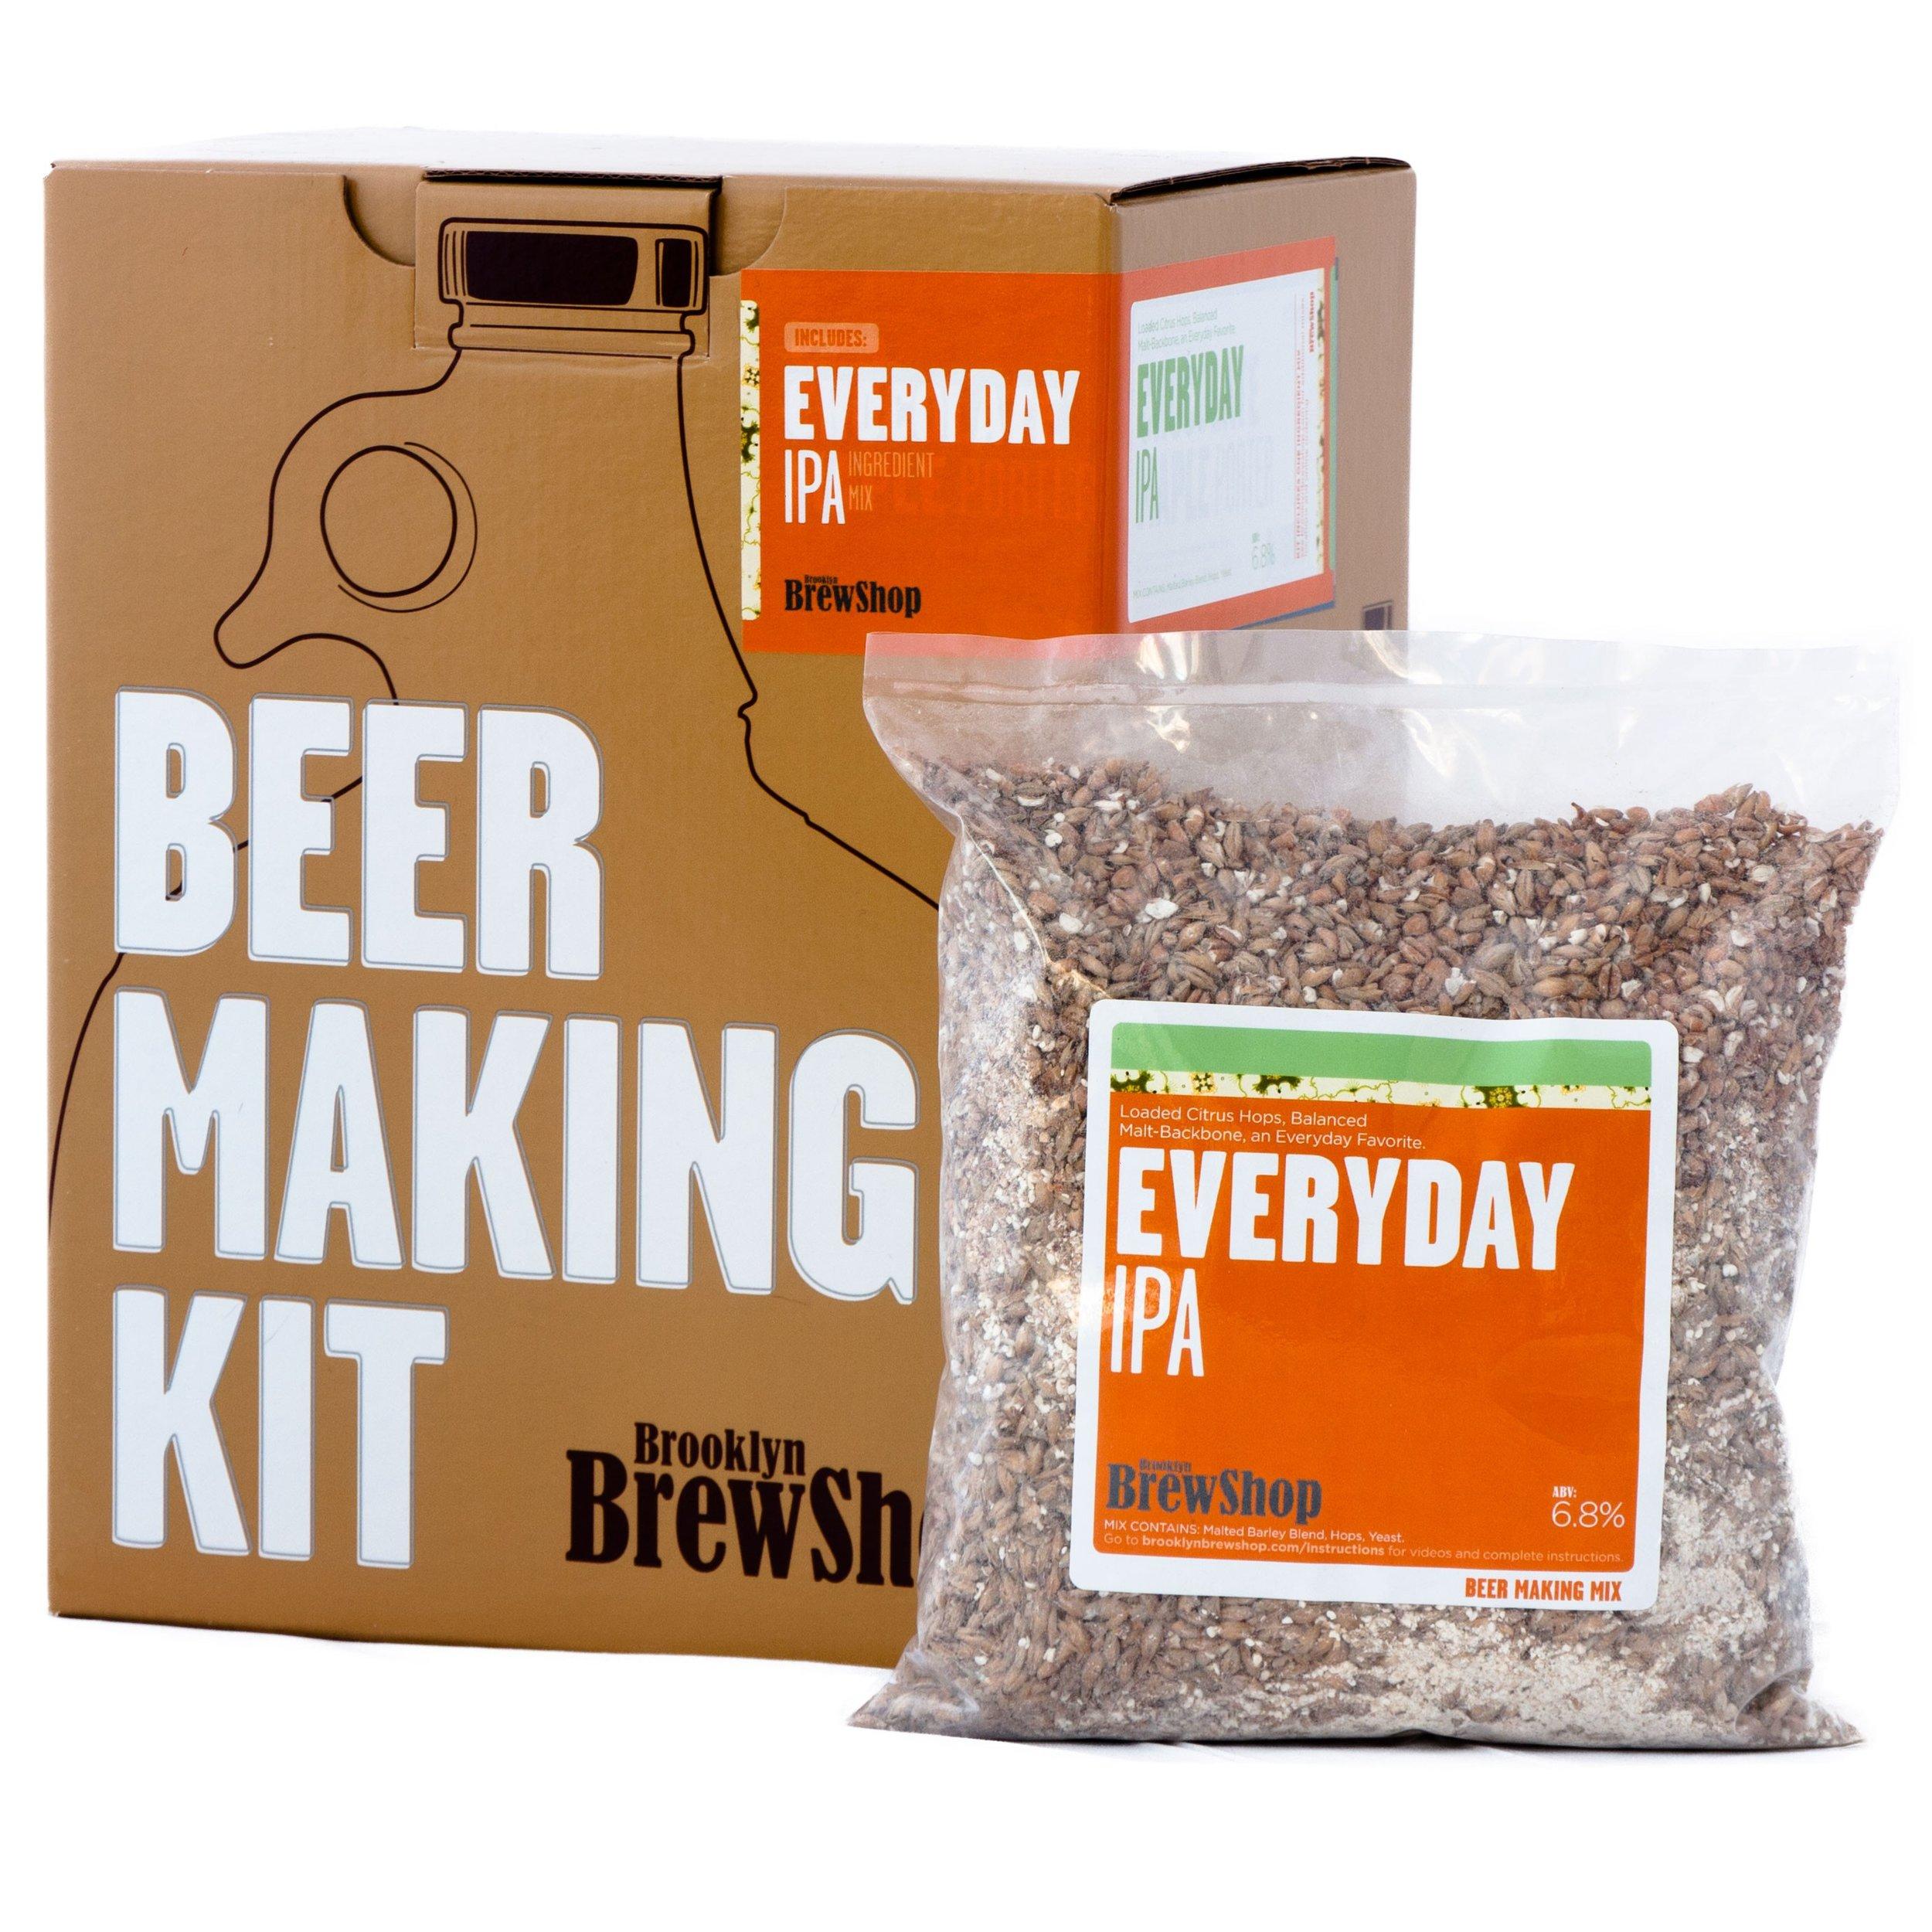 beer-kit.jpg